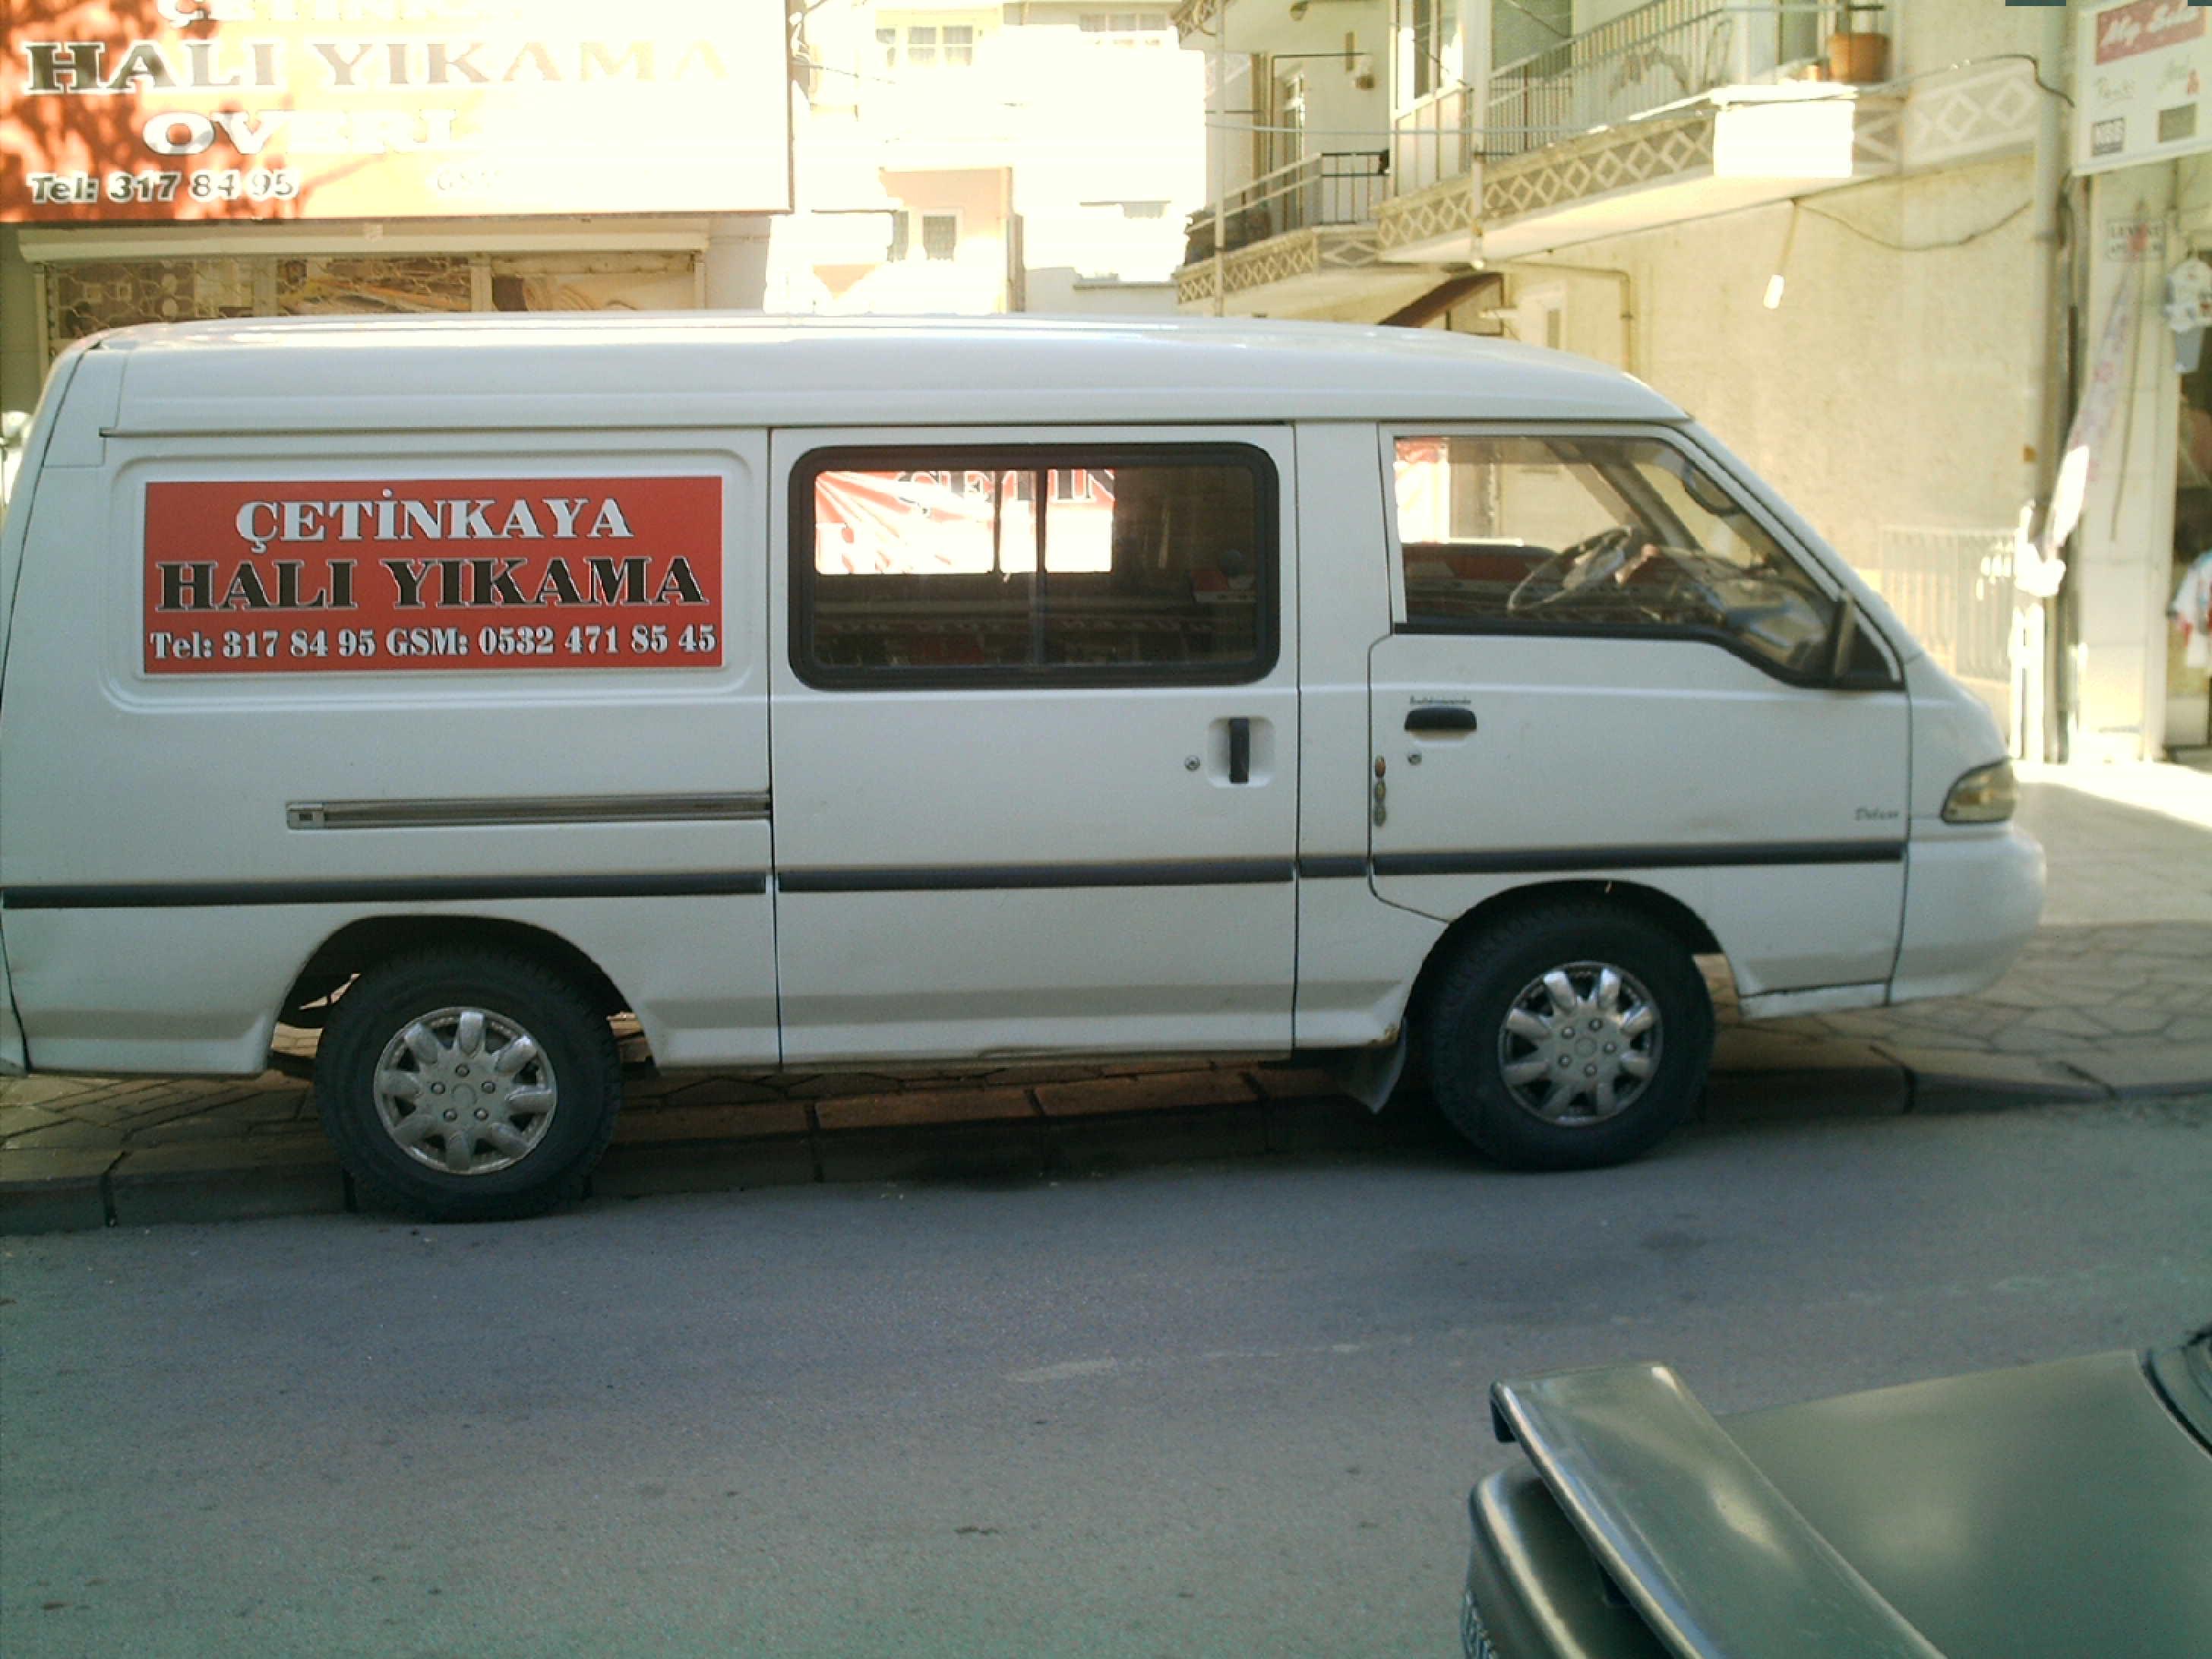 ayyıldız_hali_yikama_servis_araci